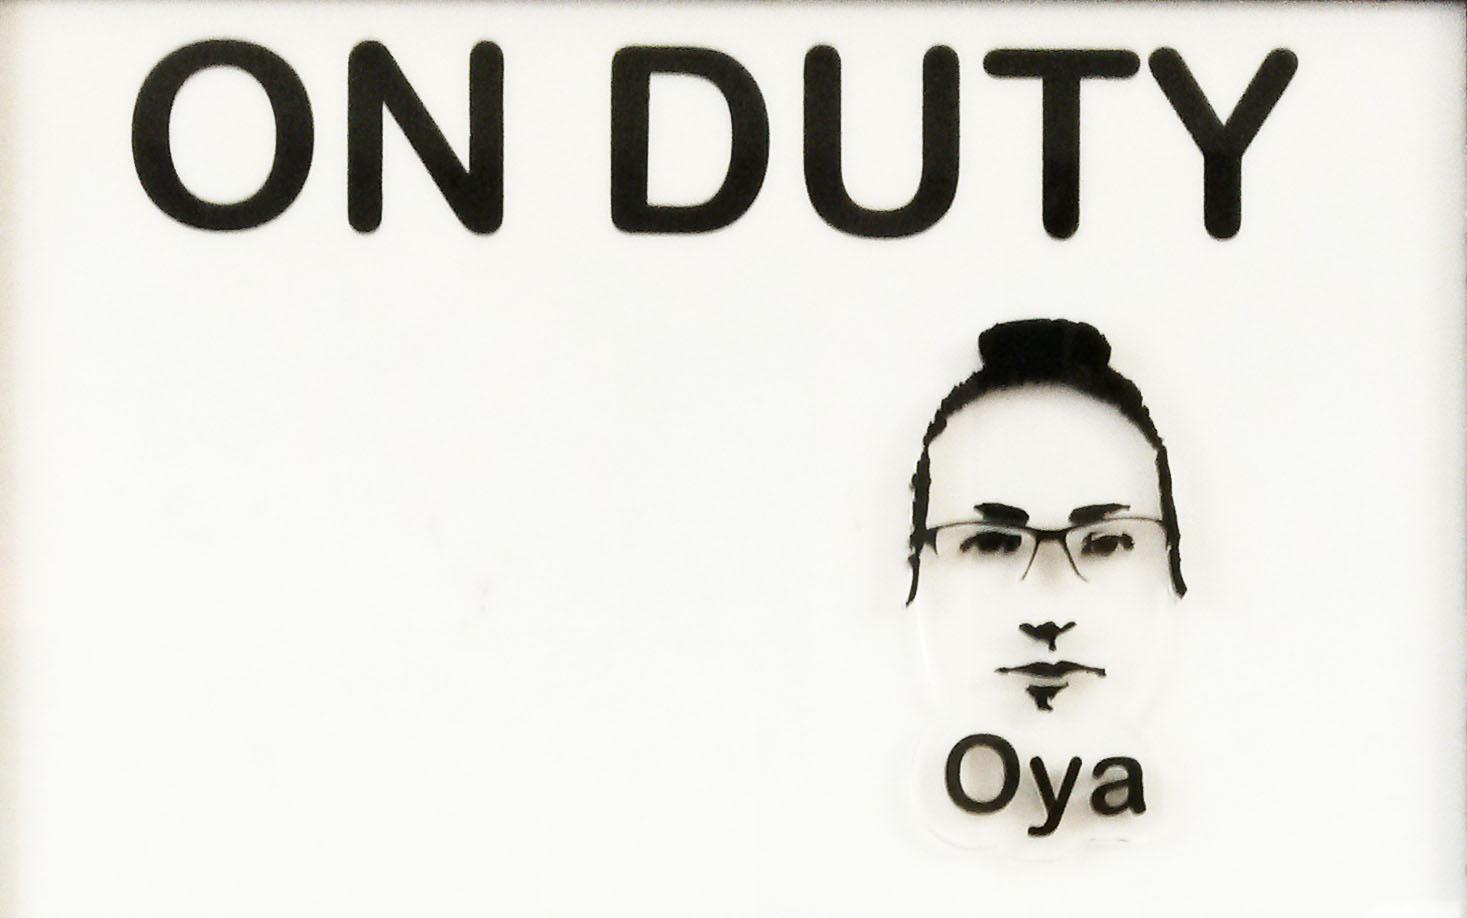 OYAONDUTY